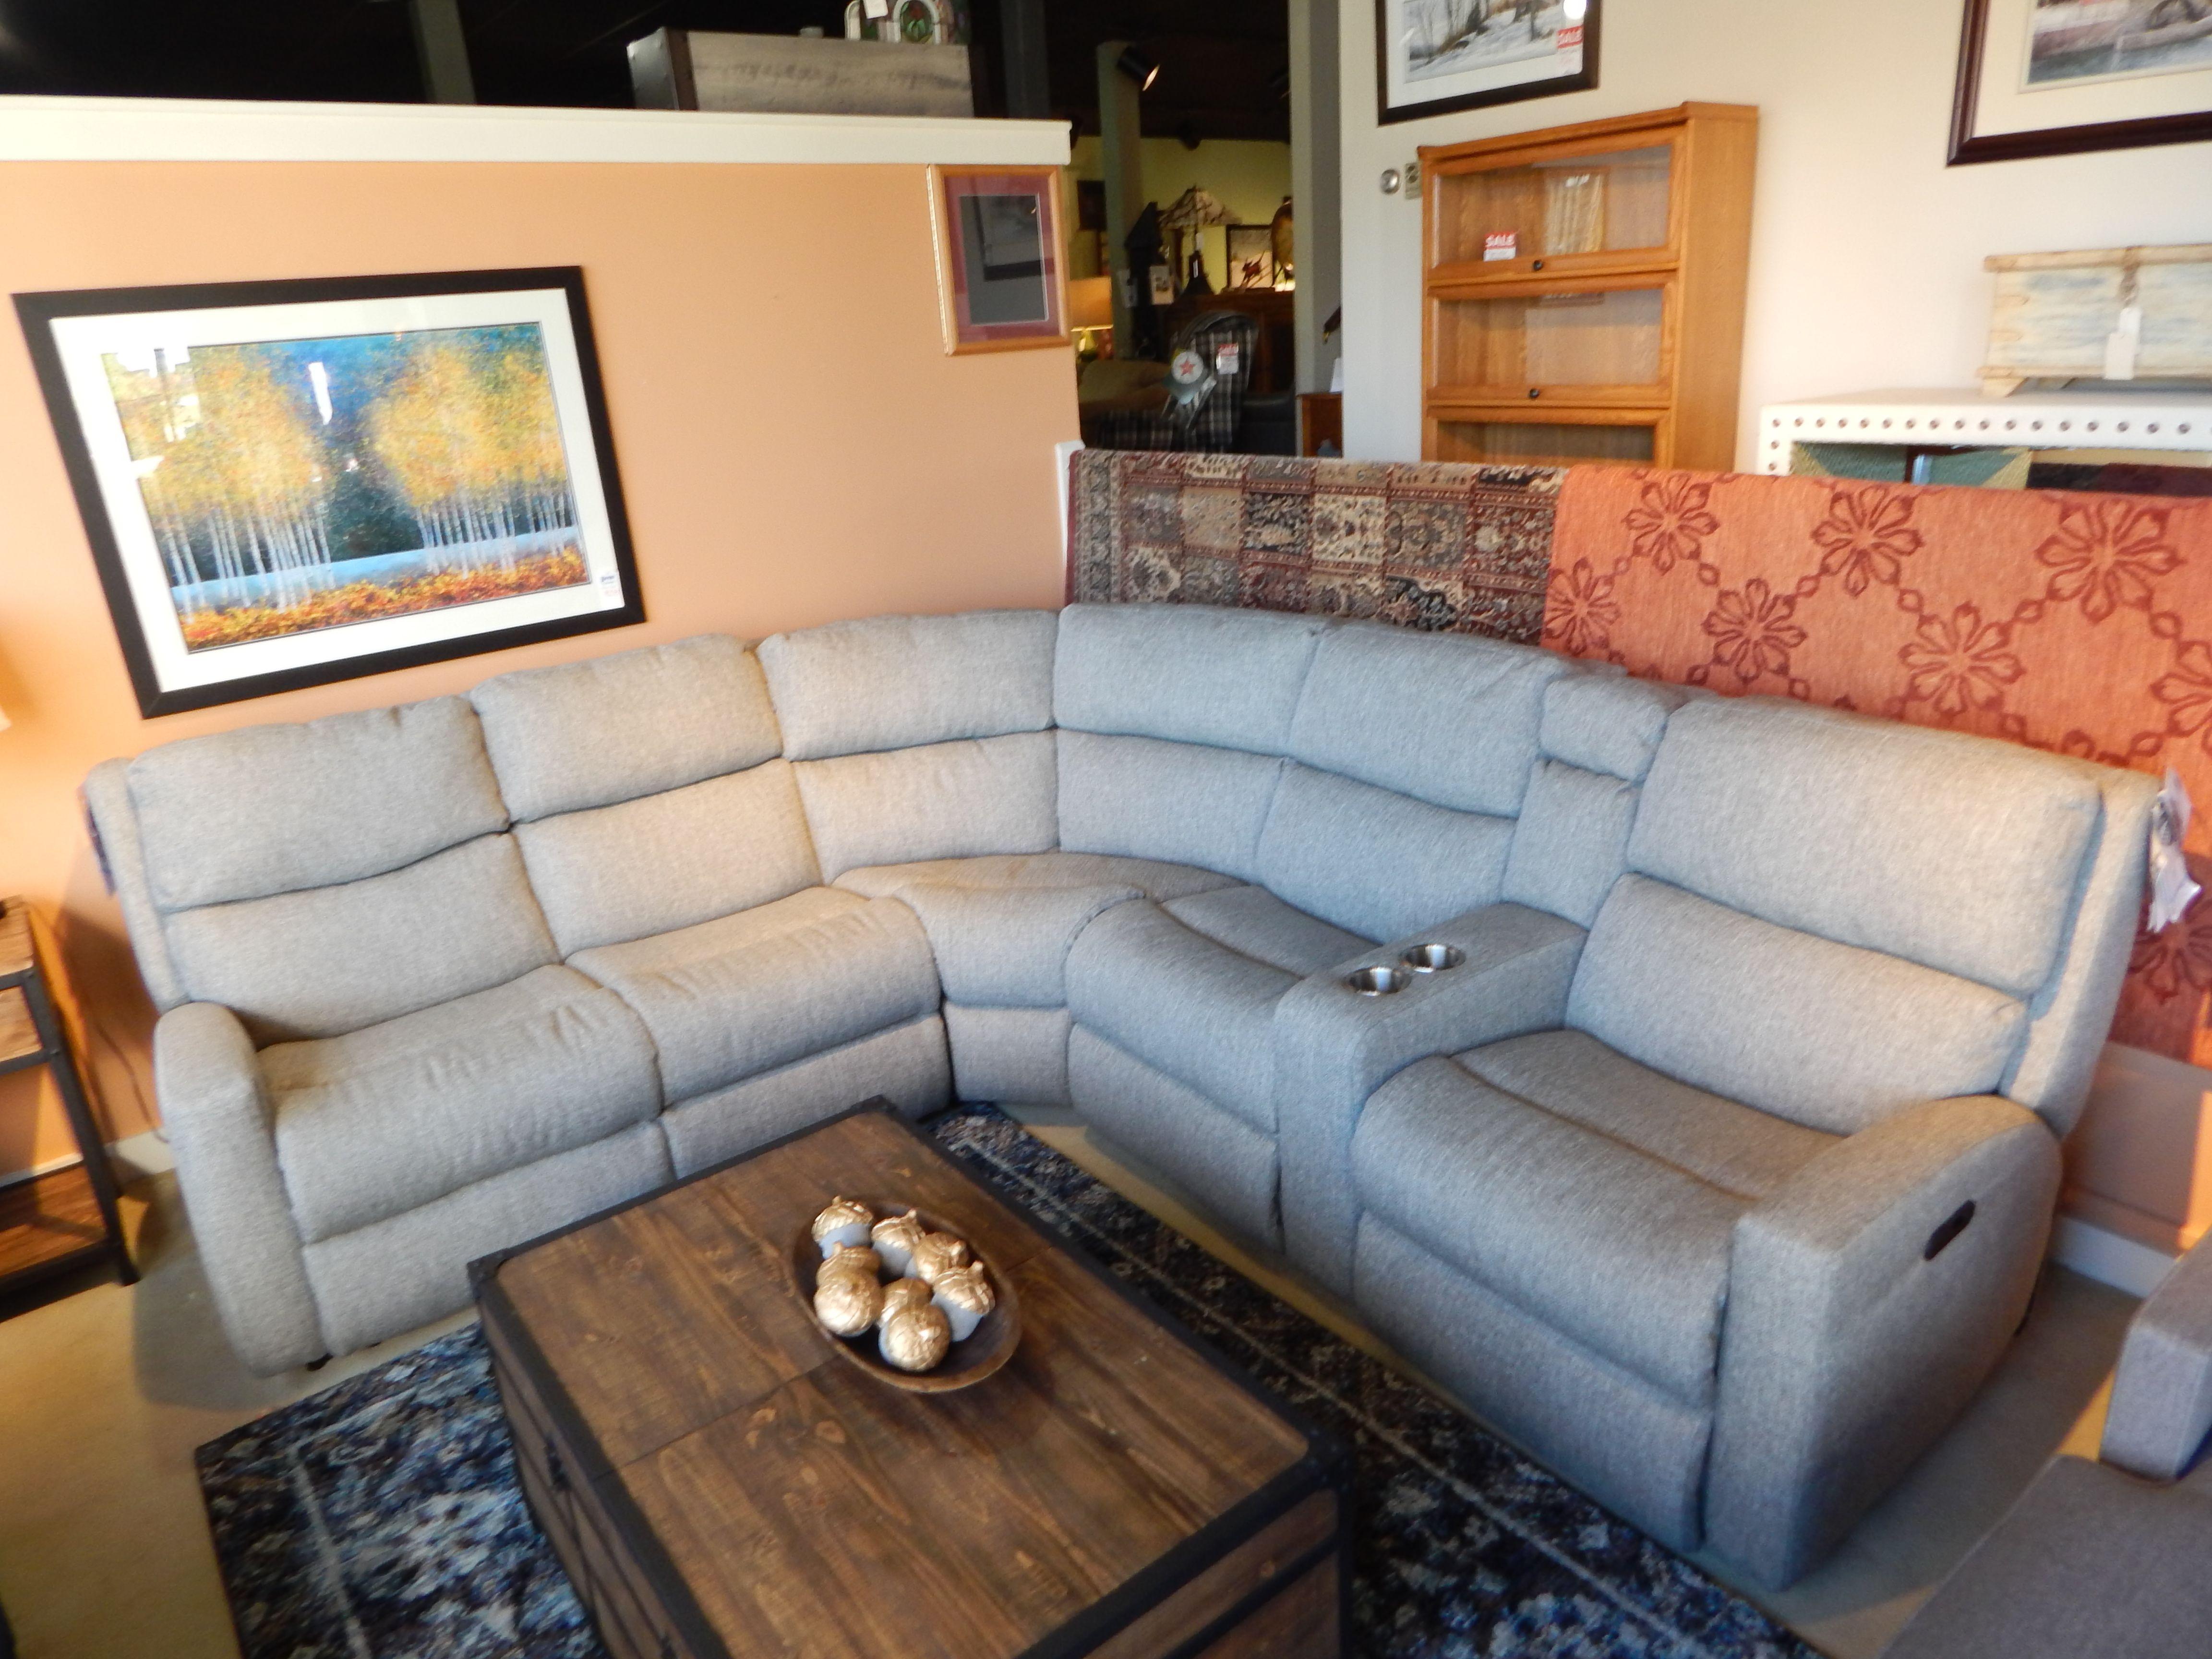 flexsteel leder sectional flexsteel leder liege grau leder sofa grosse sektionaltore sofas